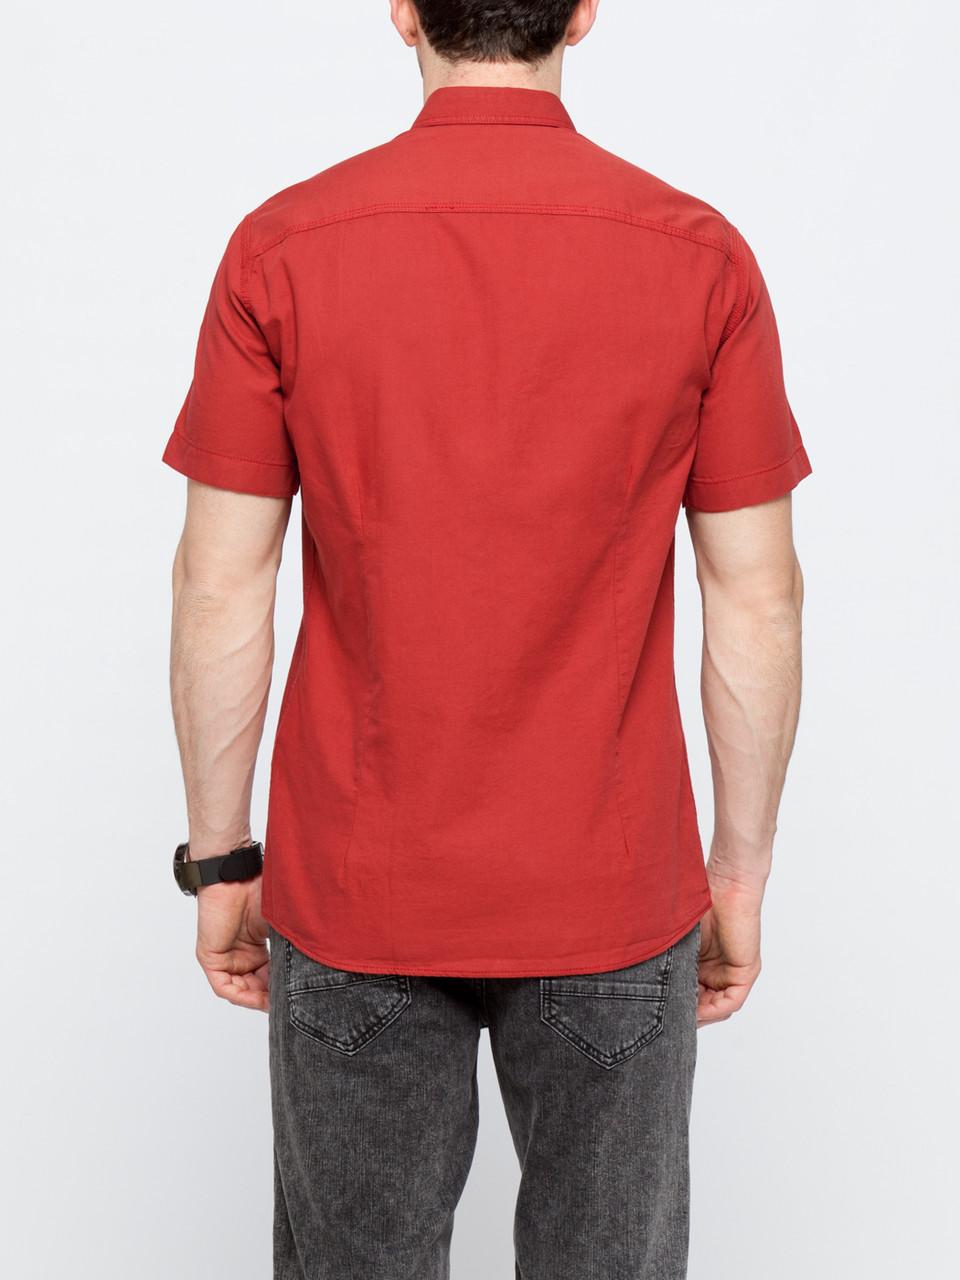 ce45d62201b6b2b Мужская рубашка LC Waikiki с коротким рукавом красного цвета, цена 505,34  грн., купить в Днепре — Prom.ua (ID#546289872)